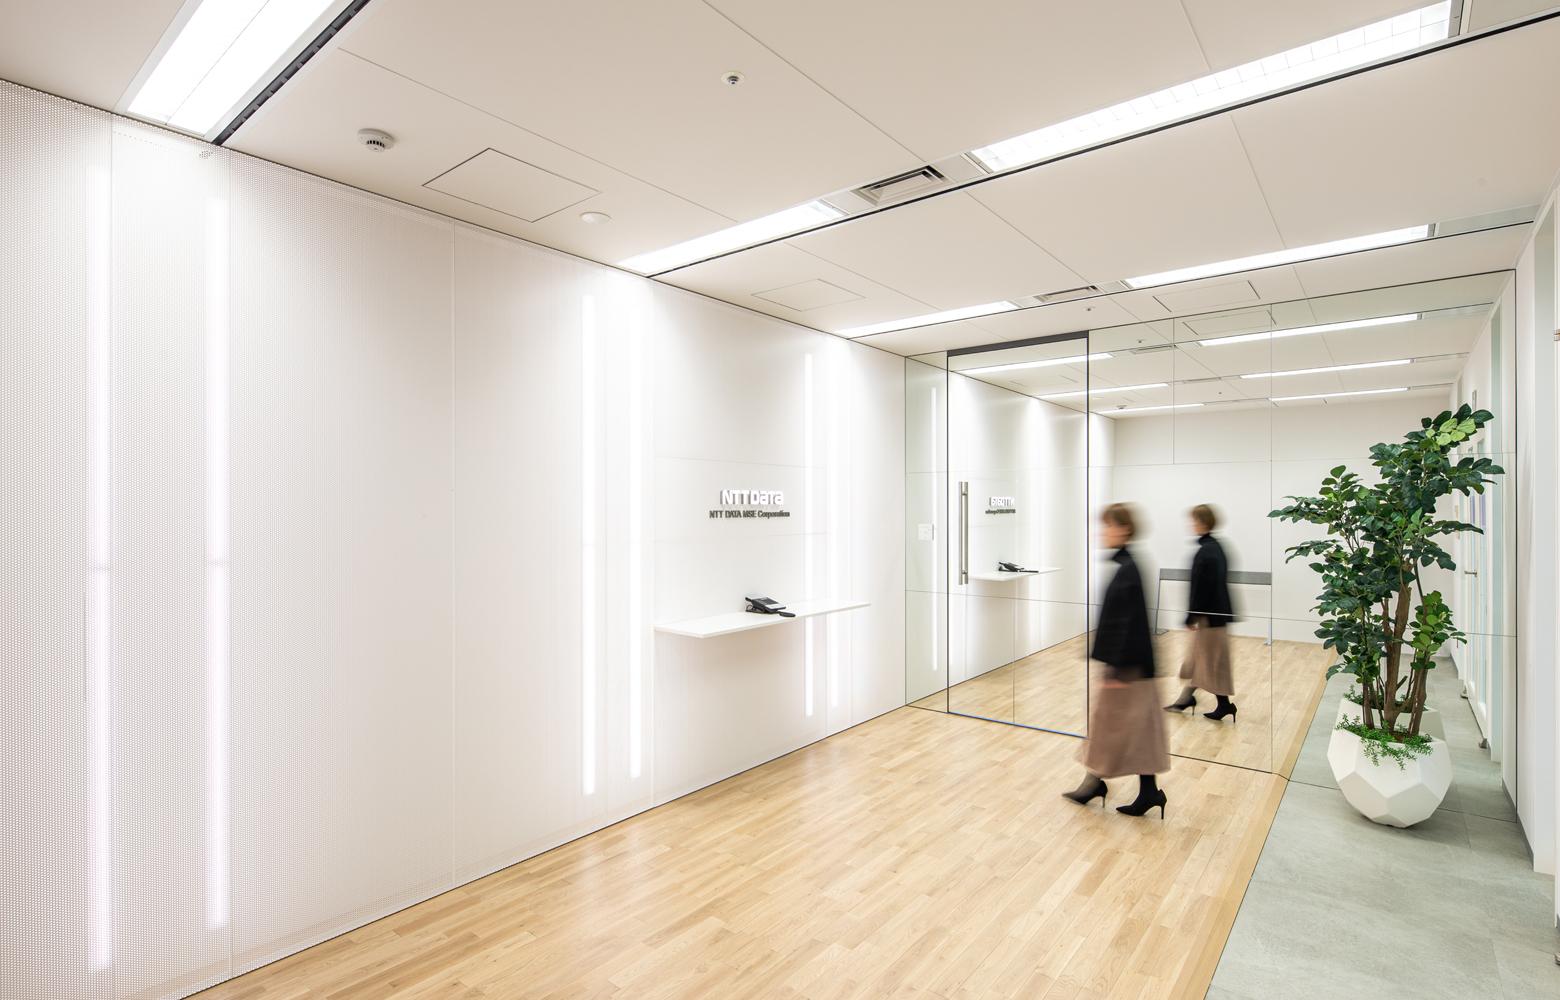 株式会社NTTデータMSE Shinyokohama Office Entrance_2 デザイン・レイアウト事例